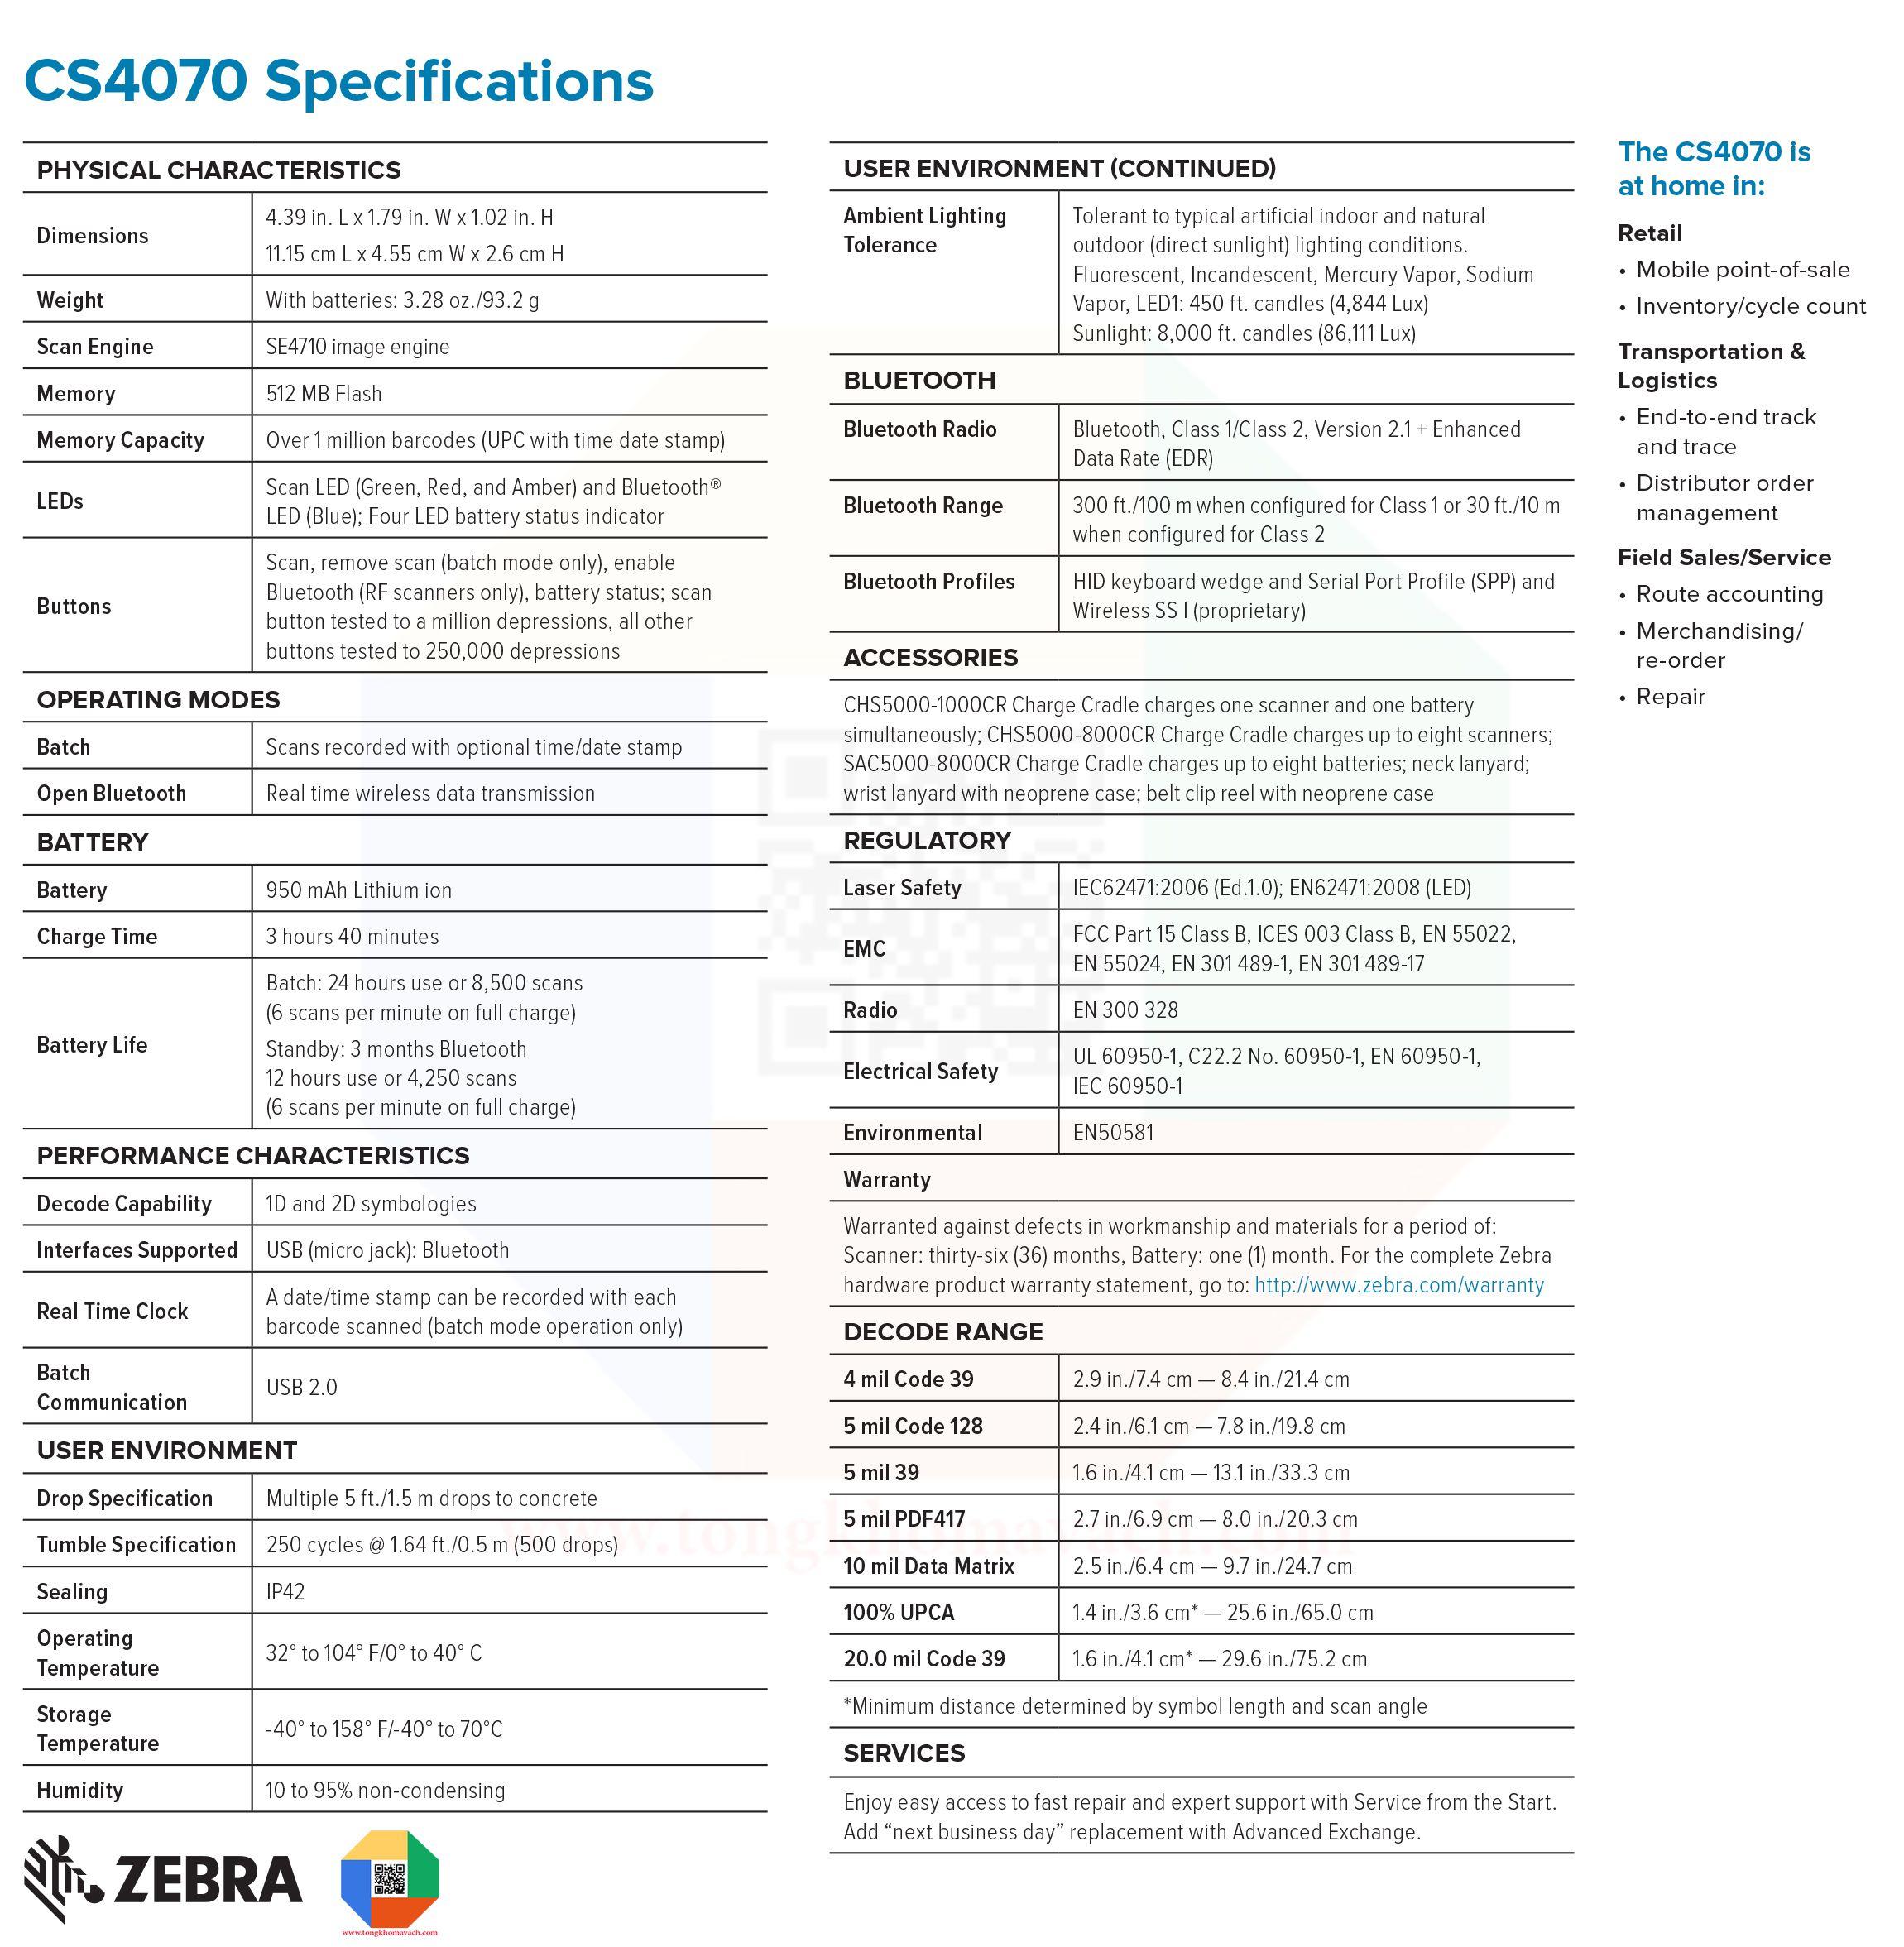 cs4070-specification.jpg